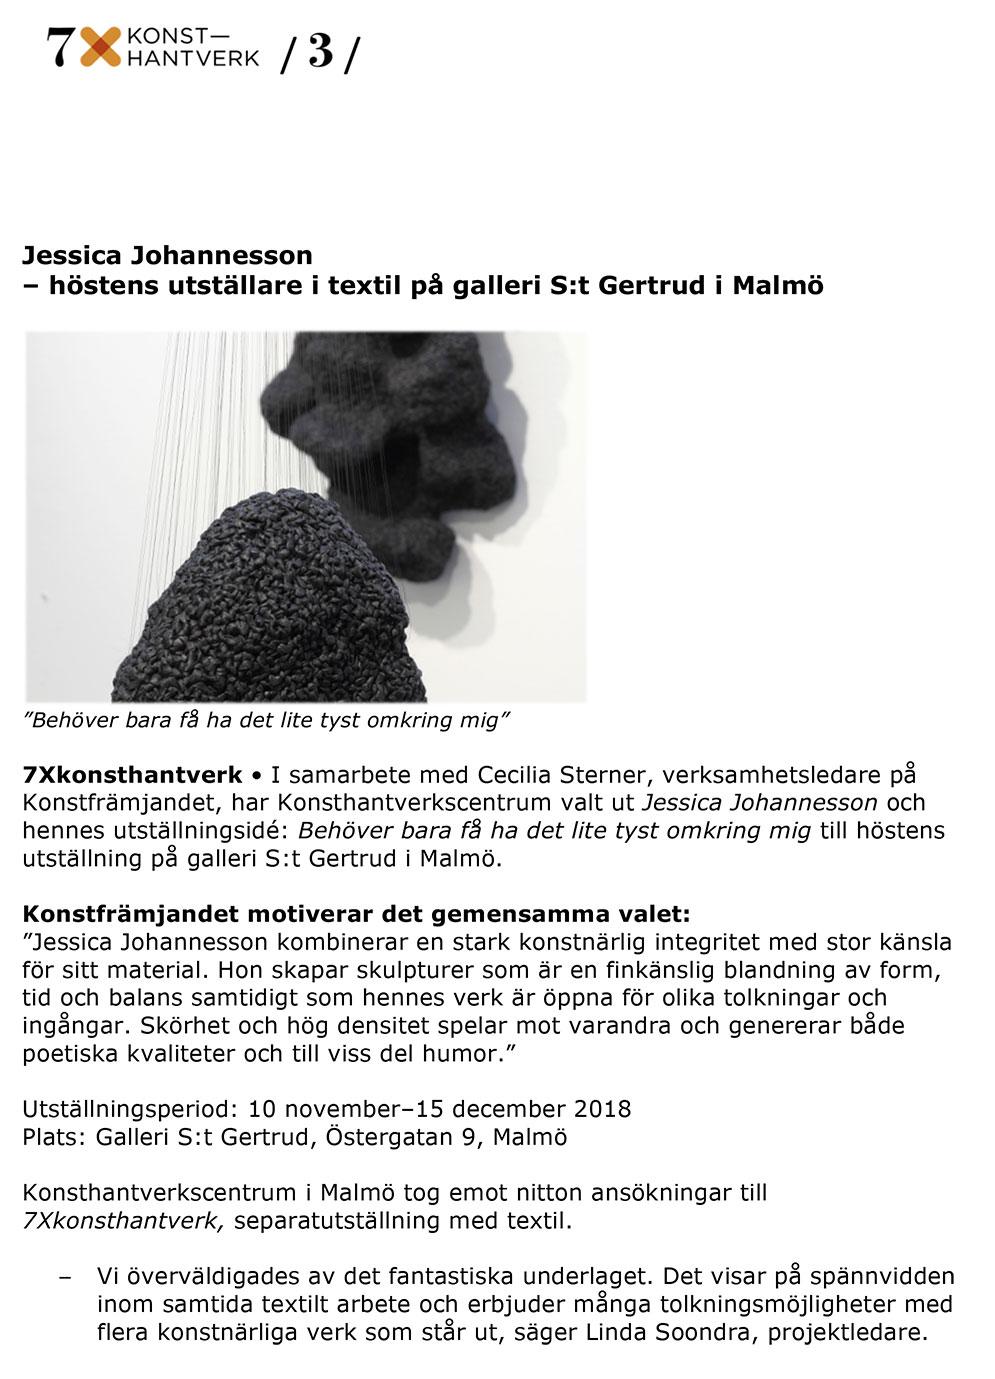 Galleri-St-Gertrud---Jessica-Johannesson